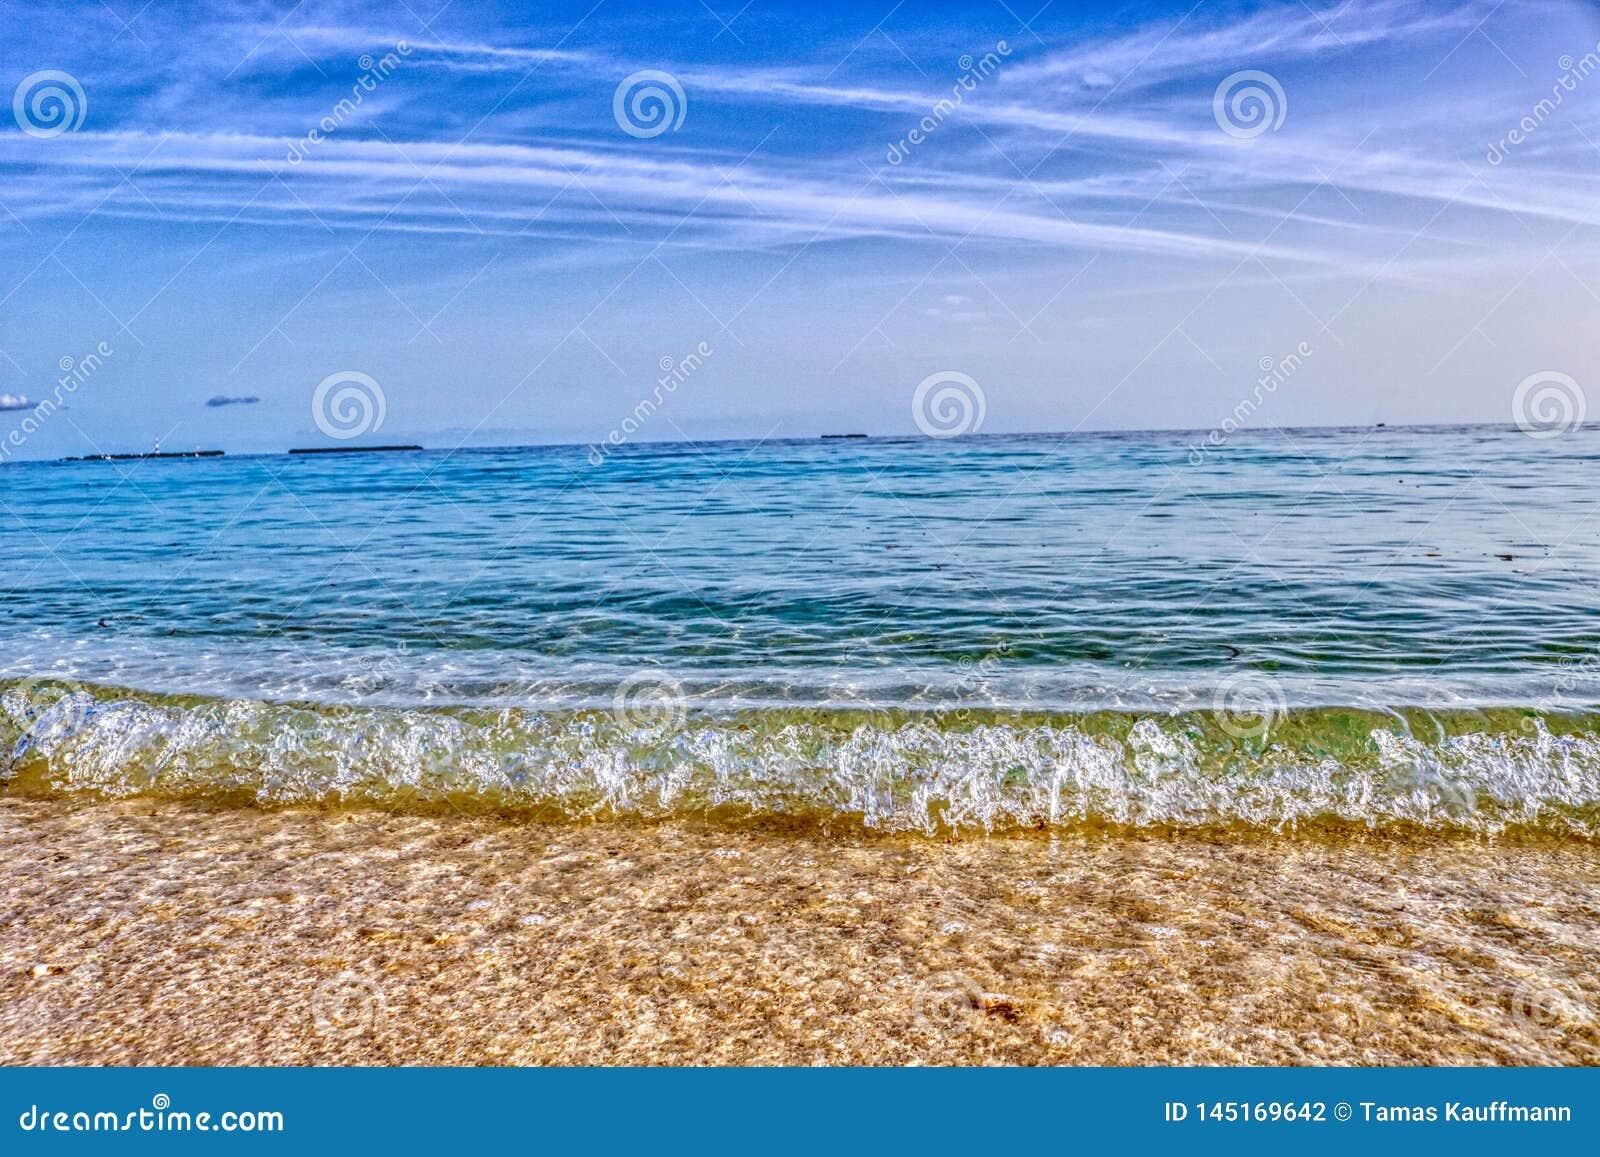 Die Welle auf dem Strand von Malediven-Insel